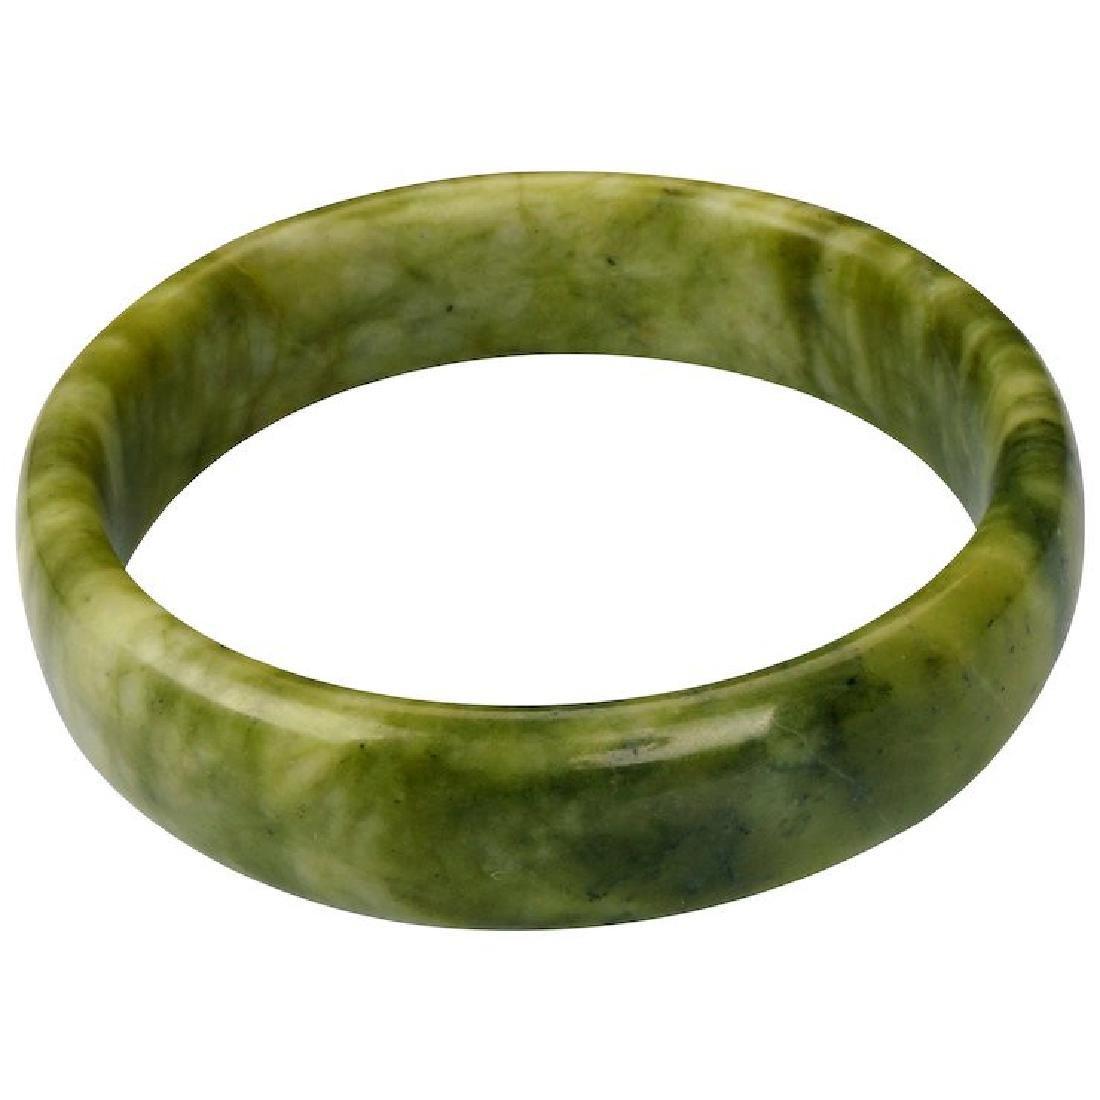 Vintage soft polished Chinese hard stone green bangle